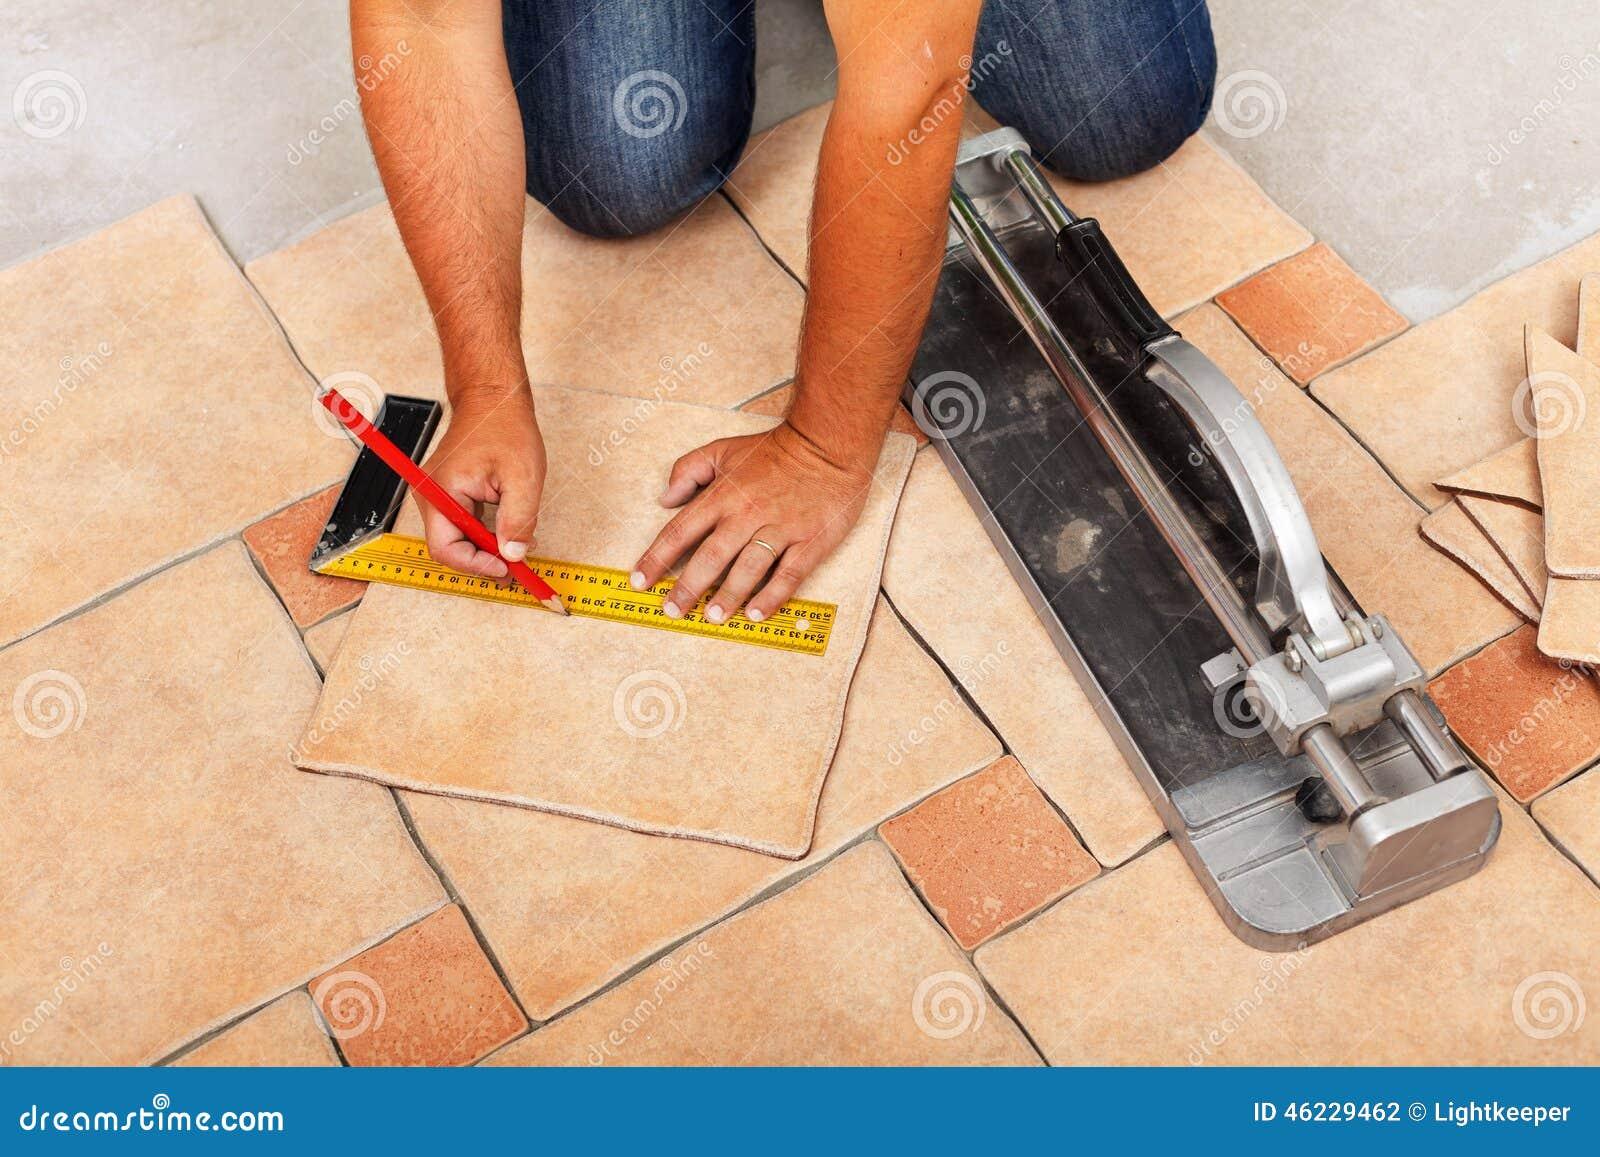 Fasi di installazione delle piastrelle per pavimento ceramiche